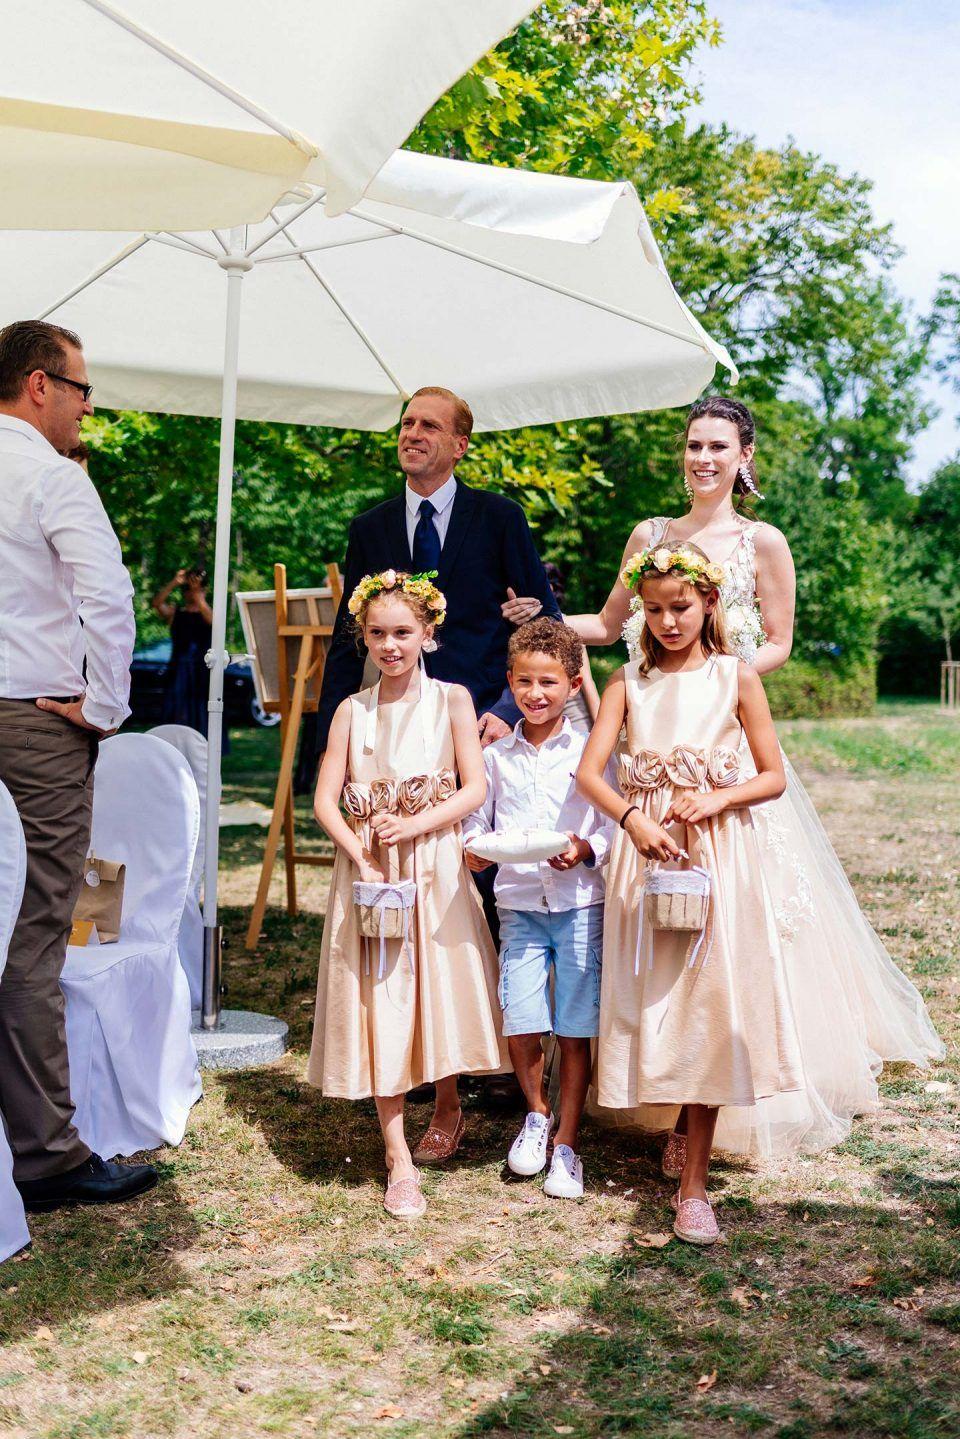 Anna Ludwig Glamourose Gartenparty Fotografie Betti Plach Wedding Photography Blumenmadchen Kleid Hochzeit Hochzeit Garten